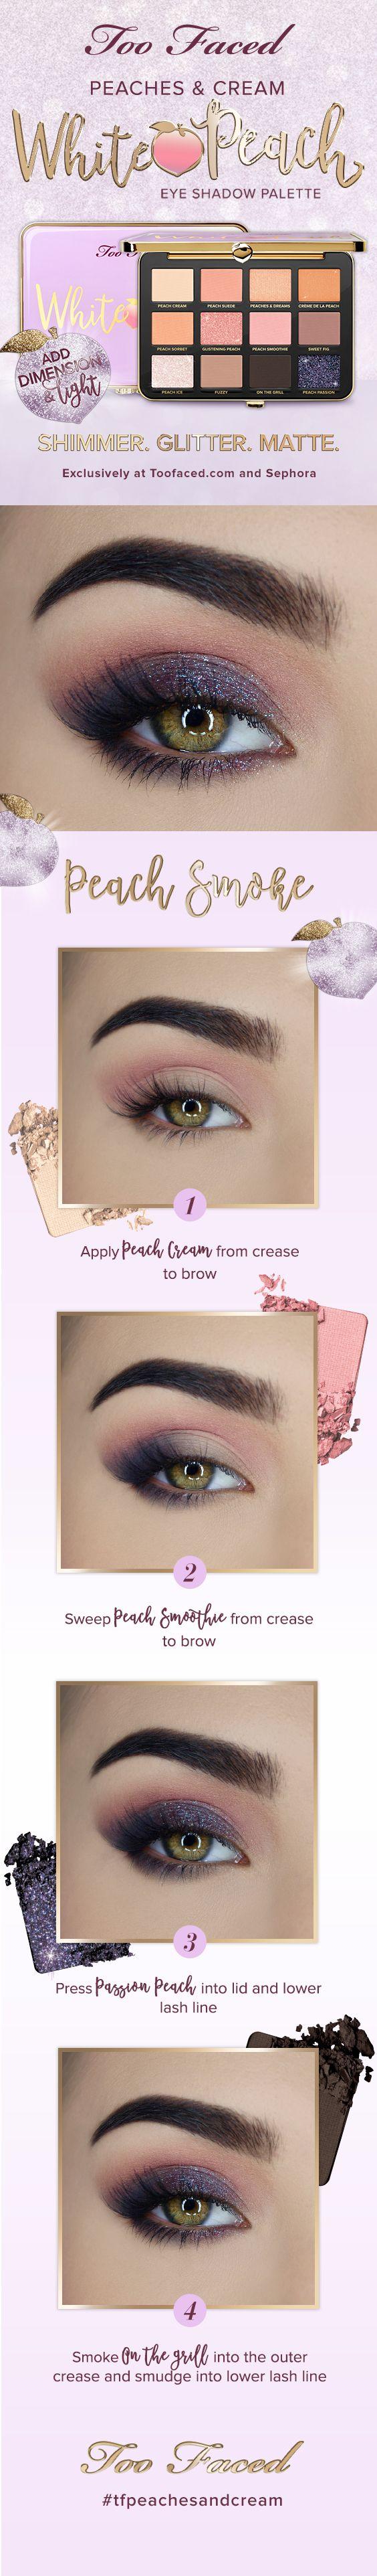 Too Faced  Peaches & Cream White Peach Eyeshadow Palette Make-up Tutorial! :-)